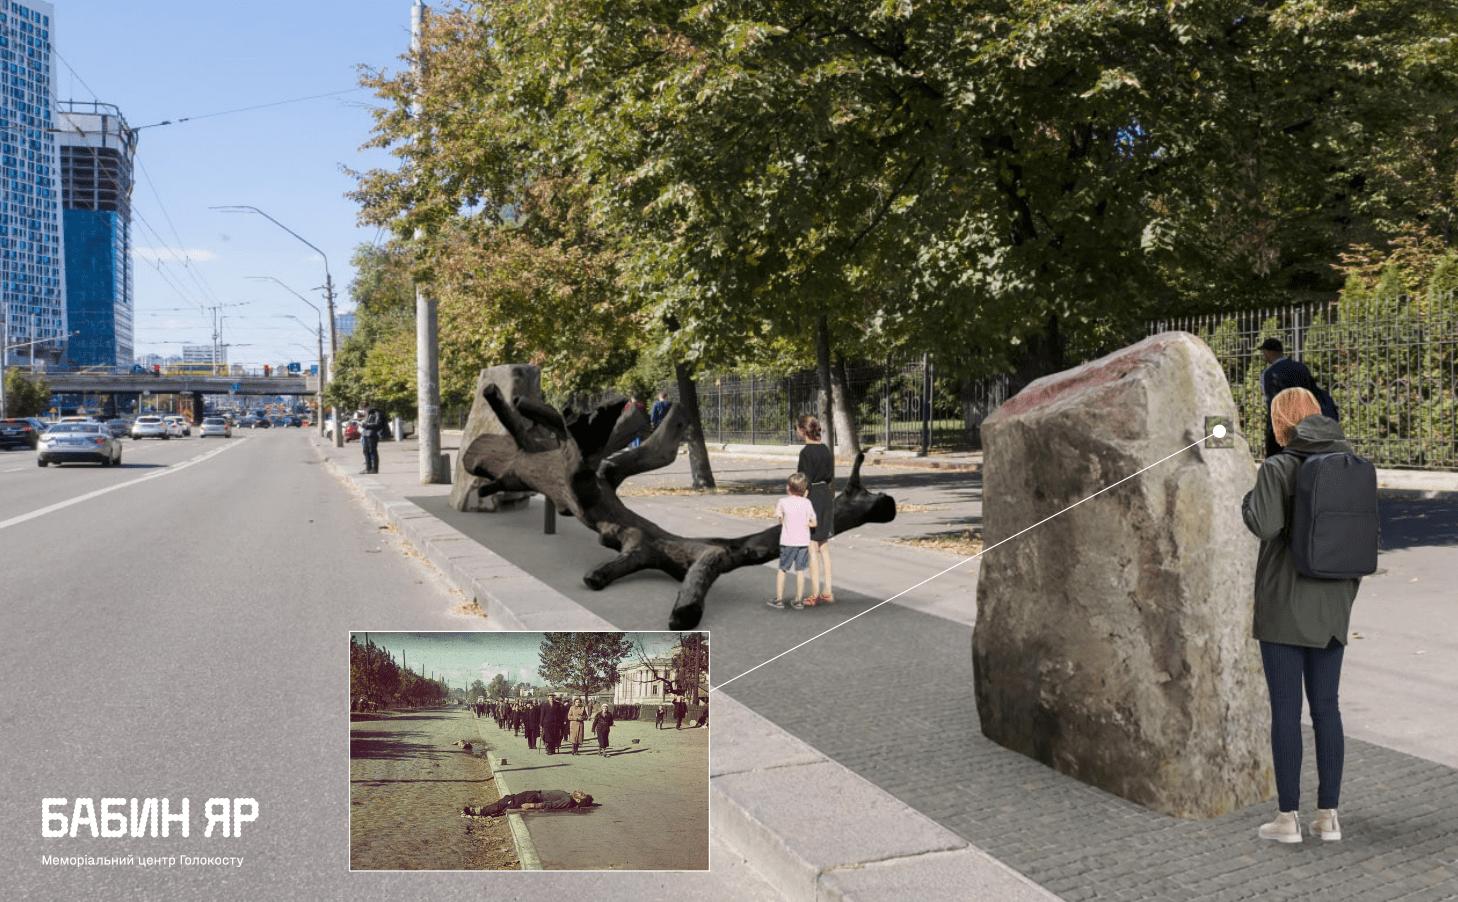 «Погляд у минуле»: у Києві відкриють інсталяцію про Голокост - Голокост, арт-проект - c4a57ea3b18caae80fcc9d0a94a6fd6e17b0091114abdcdc05b7d8e410cdf5b2